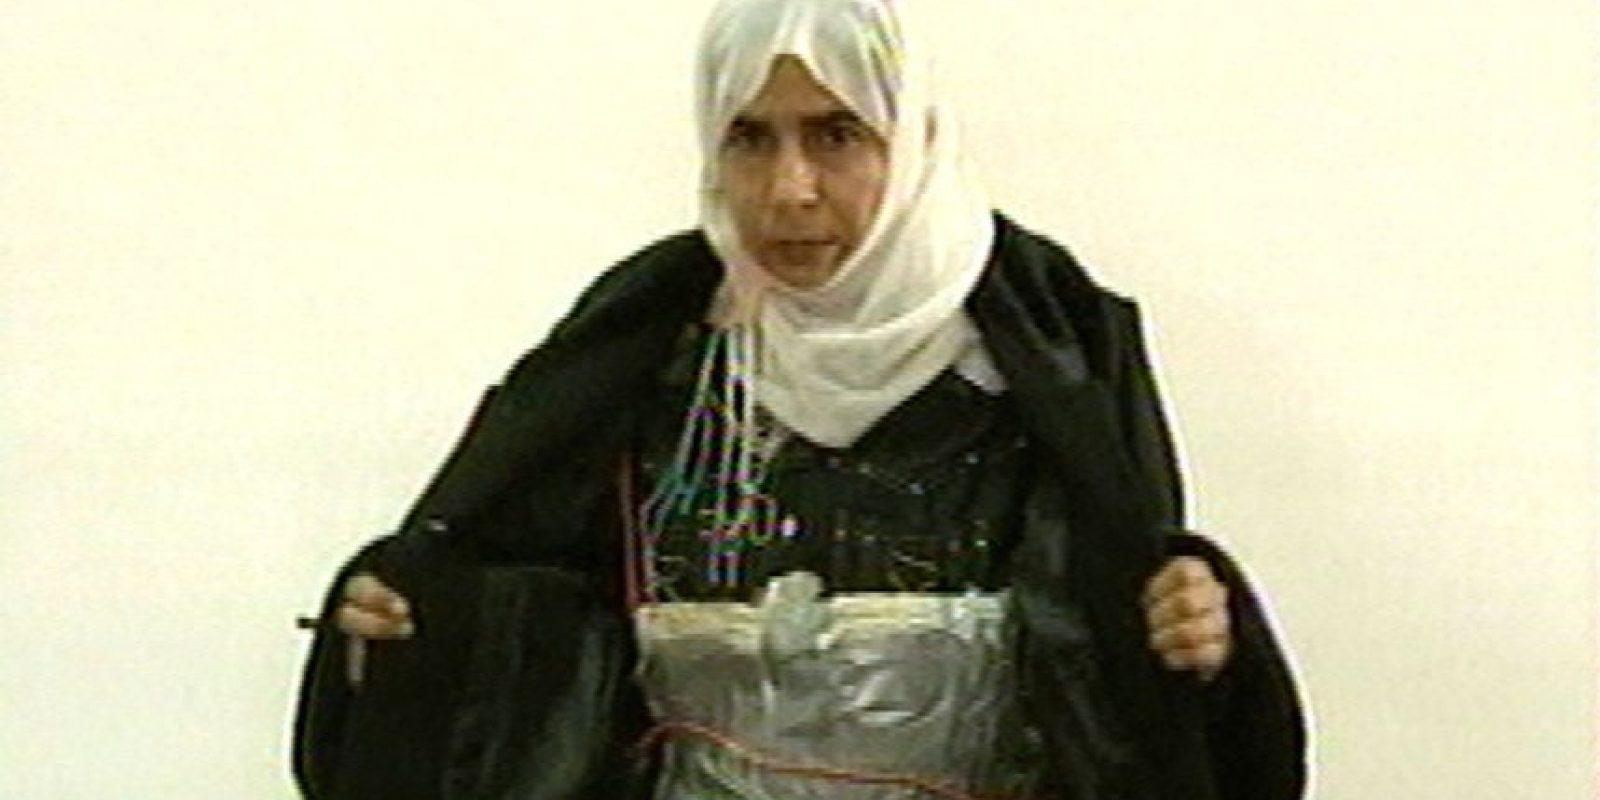 Acusada de intentar detonar una bomba en un hotel. Foto:AP